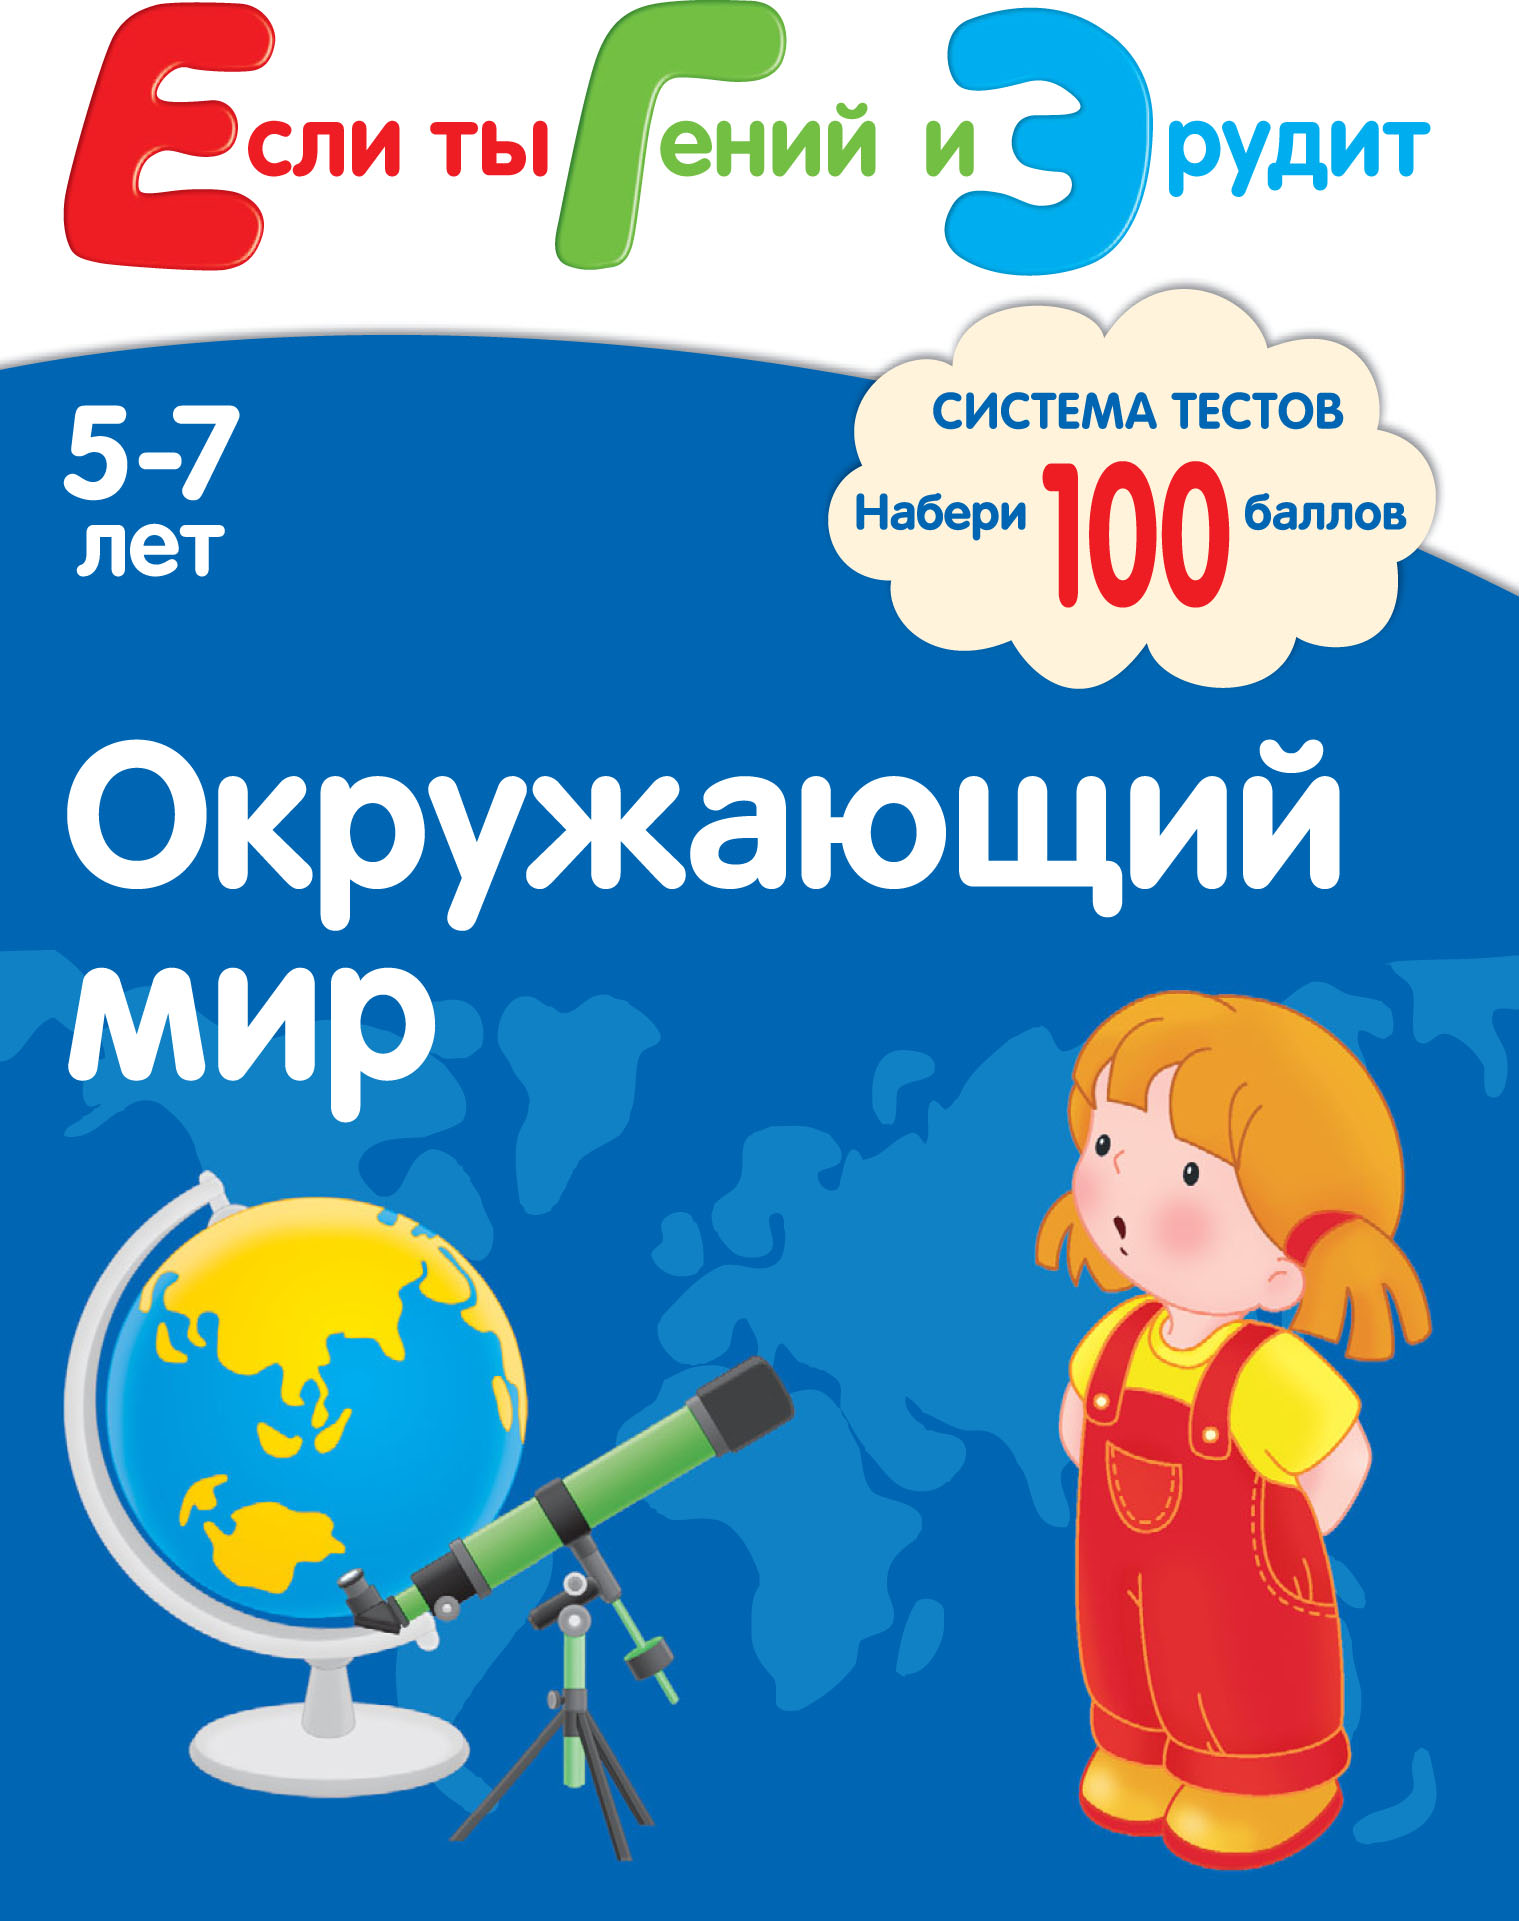 Окружающий мир. Система тестов для детей 5-7 лет